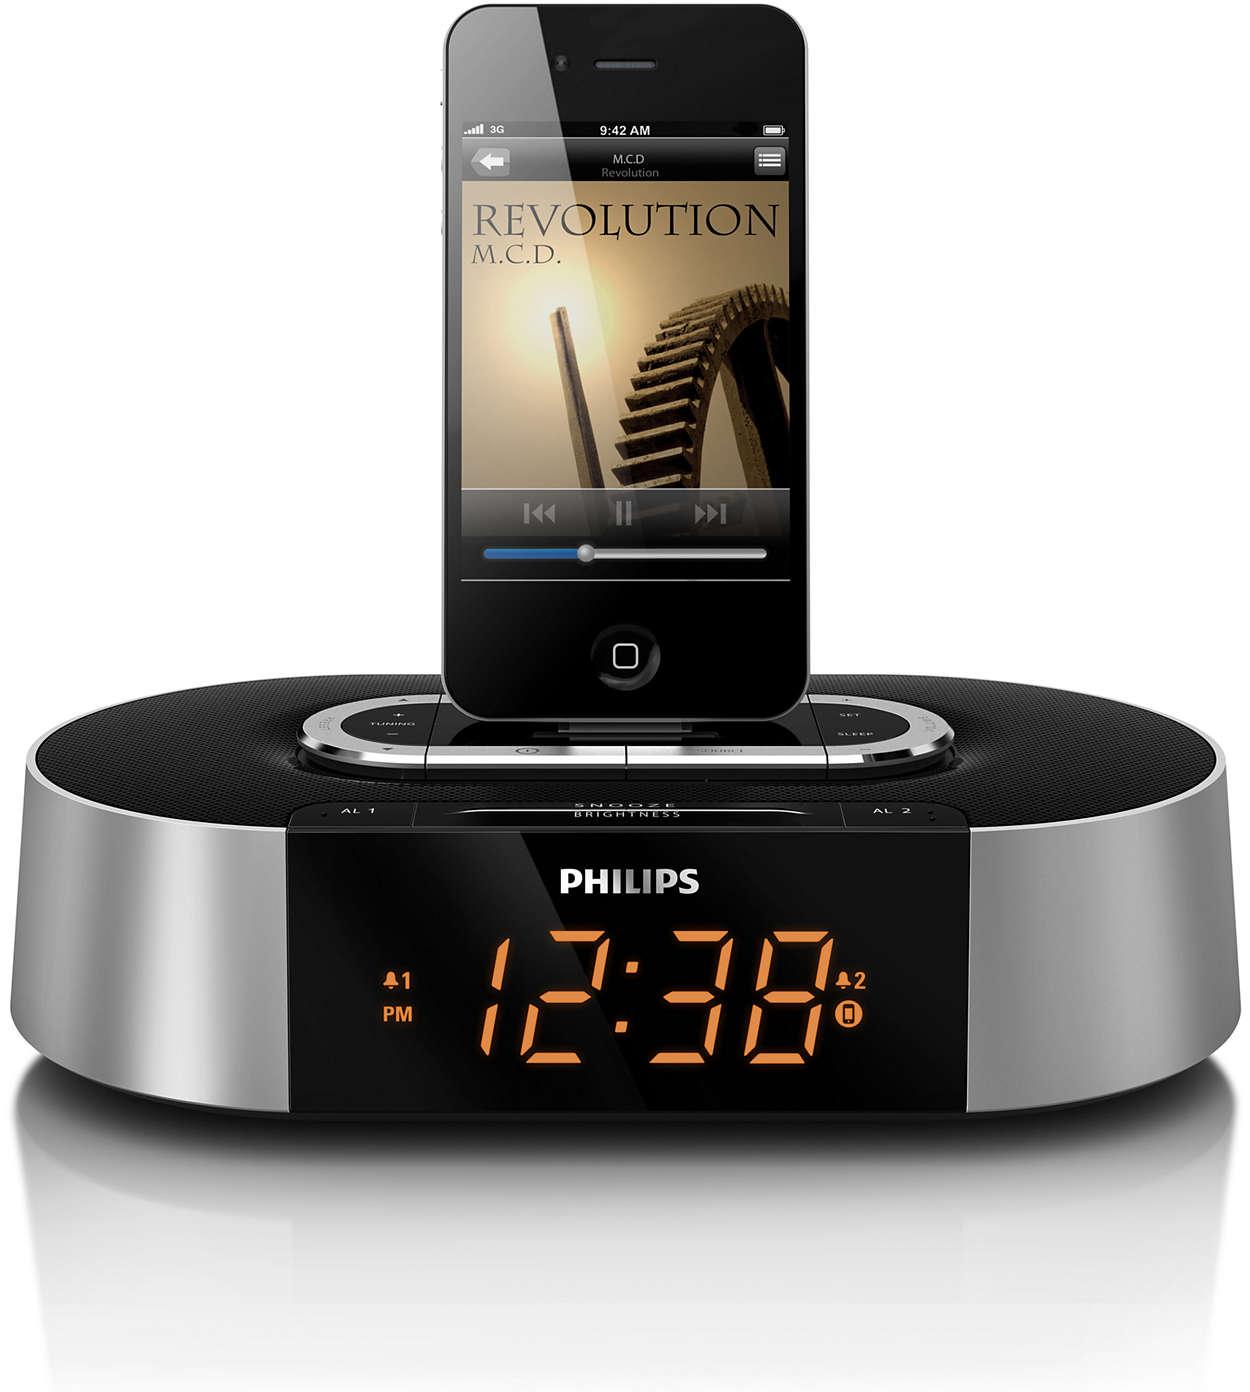 Treziţi-vă în acordurile muzicii de pe iPod/iPhone